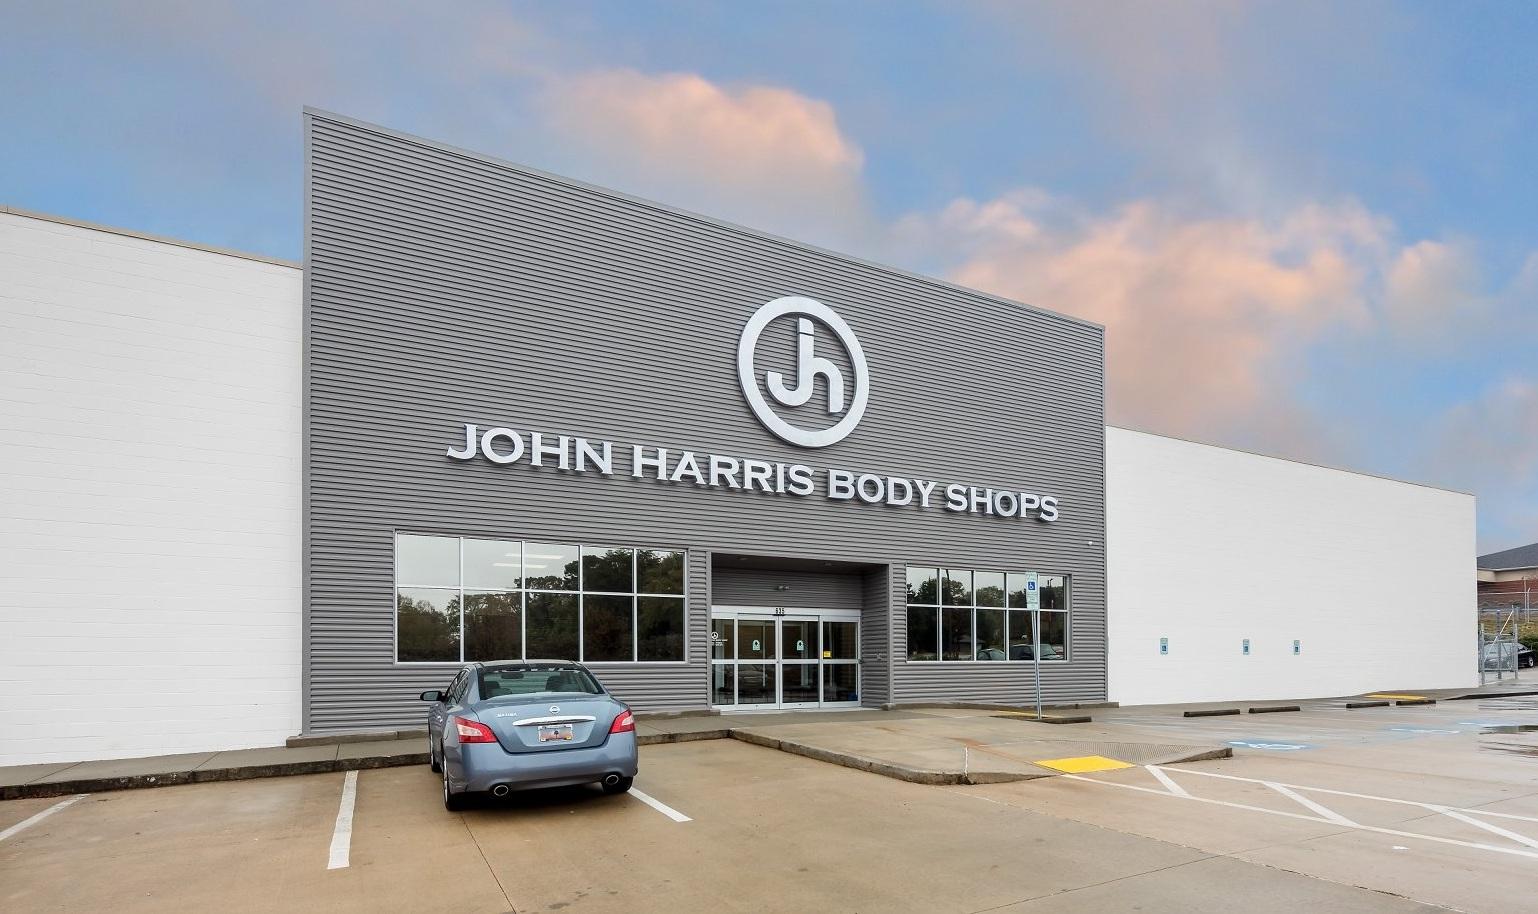 John Harris Body Shops – Greer, SC